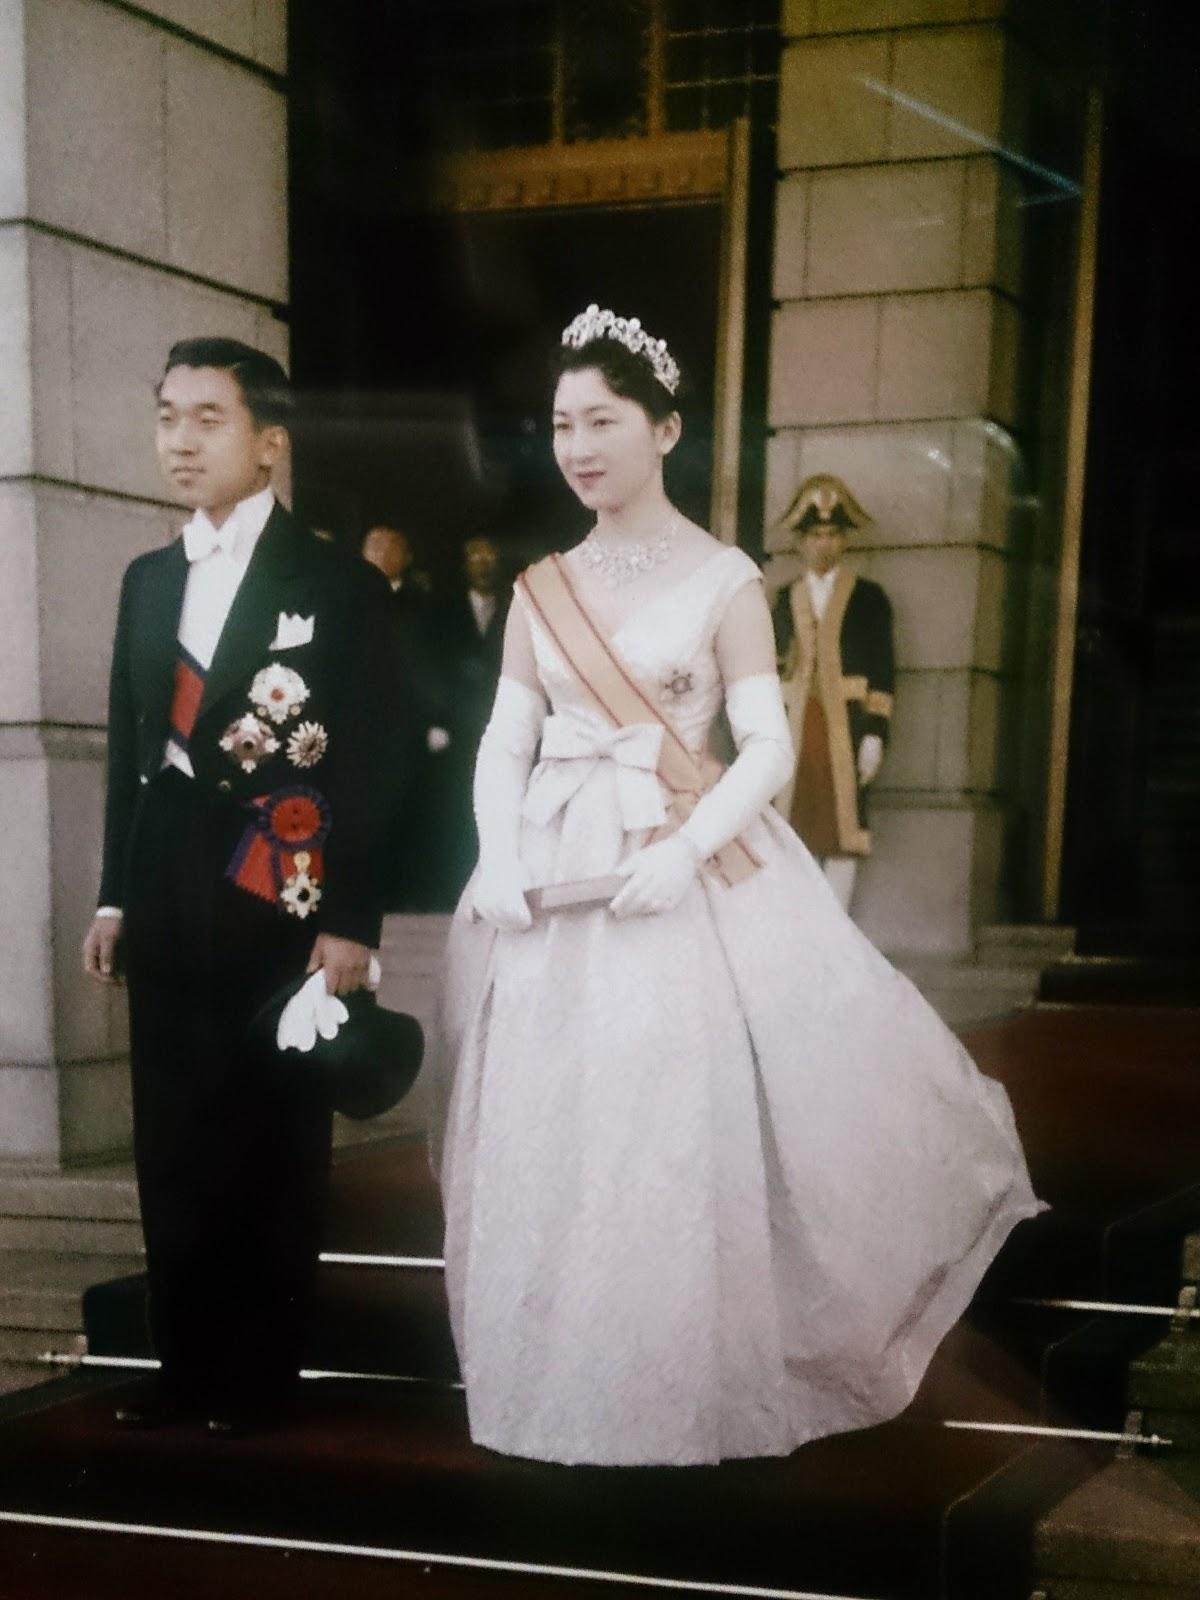 c076ff8b64fa9 1959年、美智子妃殿下がご成婚の際にお召しになったドレスは、 なんとクリスチャン・ディオールのものだったということを。